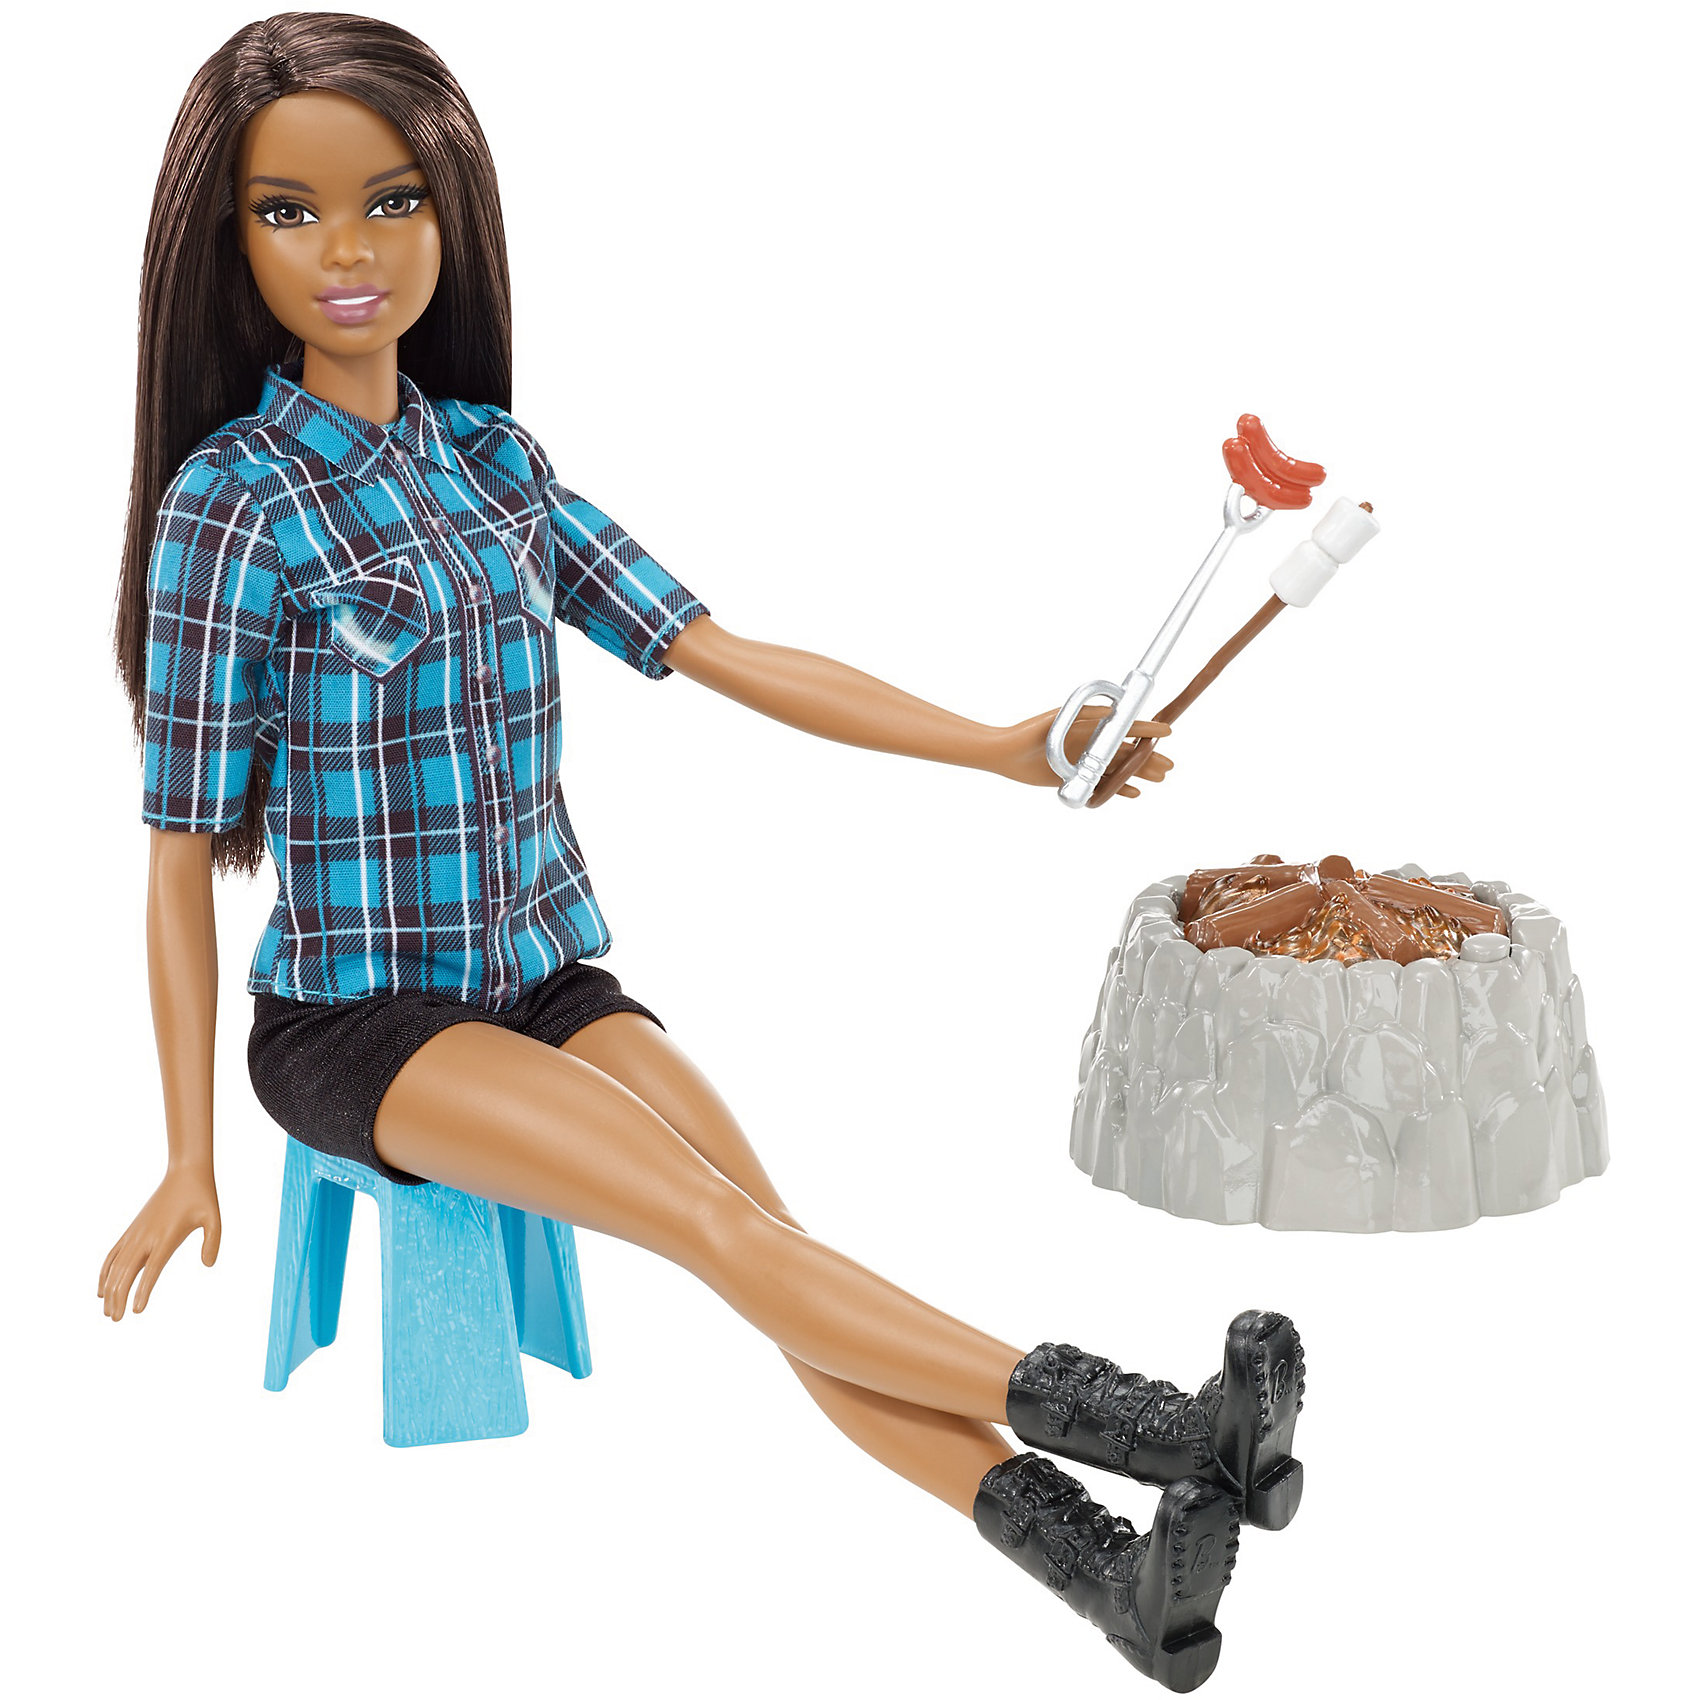 Кукла у костра Barbie БрюнеткаКуклы-модели<br>Характеристики товара:<br><br>• возраст: от 3 лет<br>• материал: пластик;<br>• высота куклы: 28-30 см;<br>• размер упаковки: 31X25X7 см;<br>• страна бренда: США<br>• страна изготовоитель: Китай<br><br>Отправляйся в поход вместе с Barbie®. Как приятно посидеть у костра и слушать как потрескивает в нем полено.<br><br>Костер с реалистичными звуками и подсветкой. Нужно лишь нажать кнопку на костре (она замаскирована под камень), чтобы добавить искорку в игру. <br><br>Barbie® может разложить свой походный стул, приготовить на костре еду и рассказать историю. Хот-дог и зефир— классические походные лакомства. Каждое блюдо нанизано на палочку, которую Barbie® может держать в руке. <br><br>Куклу у костра Barbie можно купить в нашем интернет-магазине.<br><br>Отправляйся в поход вместе с Barbie®! У каждой в наборе костер с реалистичными звуками и подсветкой. Это так весело! Просто нажми кнопку на костре (она замаскирована под камень), чтобы добавить искорку в игру. Barbie® может разложить свой походный стул, приготовить на костре еду и рассказать историю. Хот-дог и зефир— классические походные лакомства. Каждое блюдо нанизано на палочку, которую Barbie® может держать в руке. Barbie®, одетая в клетчатую рубашку, шорты и сапоги, готова насладиться прогулкой на природе. Собери всех кукол Barbie® и аксессуары из походной серии для приятной игры на свежем воздухе!<br><br>Ширина мм: 325<br>Глубина мм: 60<br>Высота мм: 205<br>Вес г: 400<br>Возраст от месяцев: 36<br>Возраст до месяцев: 2147483647<br>Пол: Женский<br>Возраст: Детский<br>SKU: 7014668